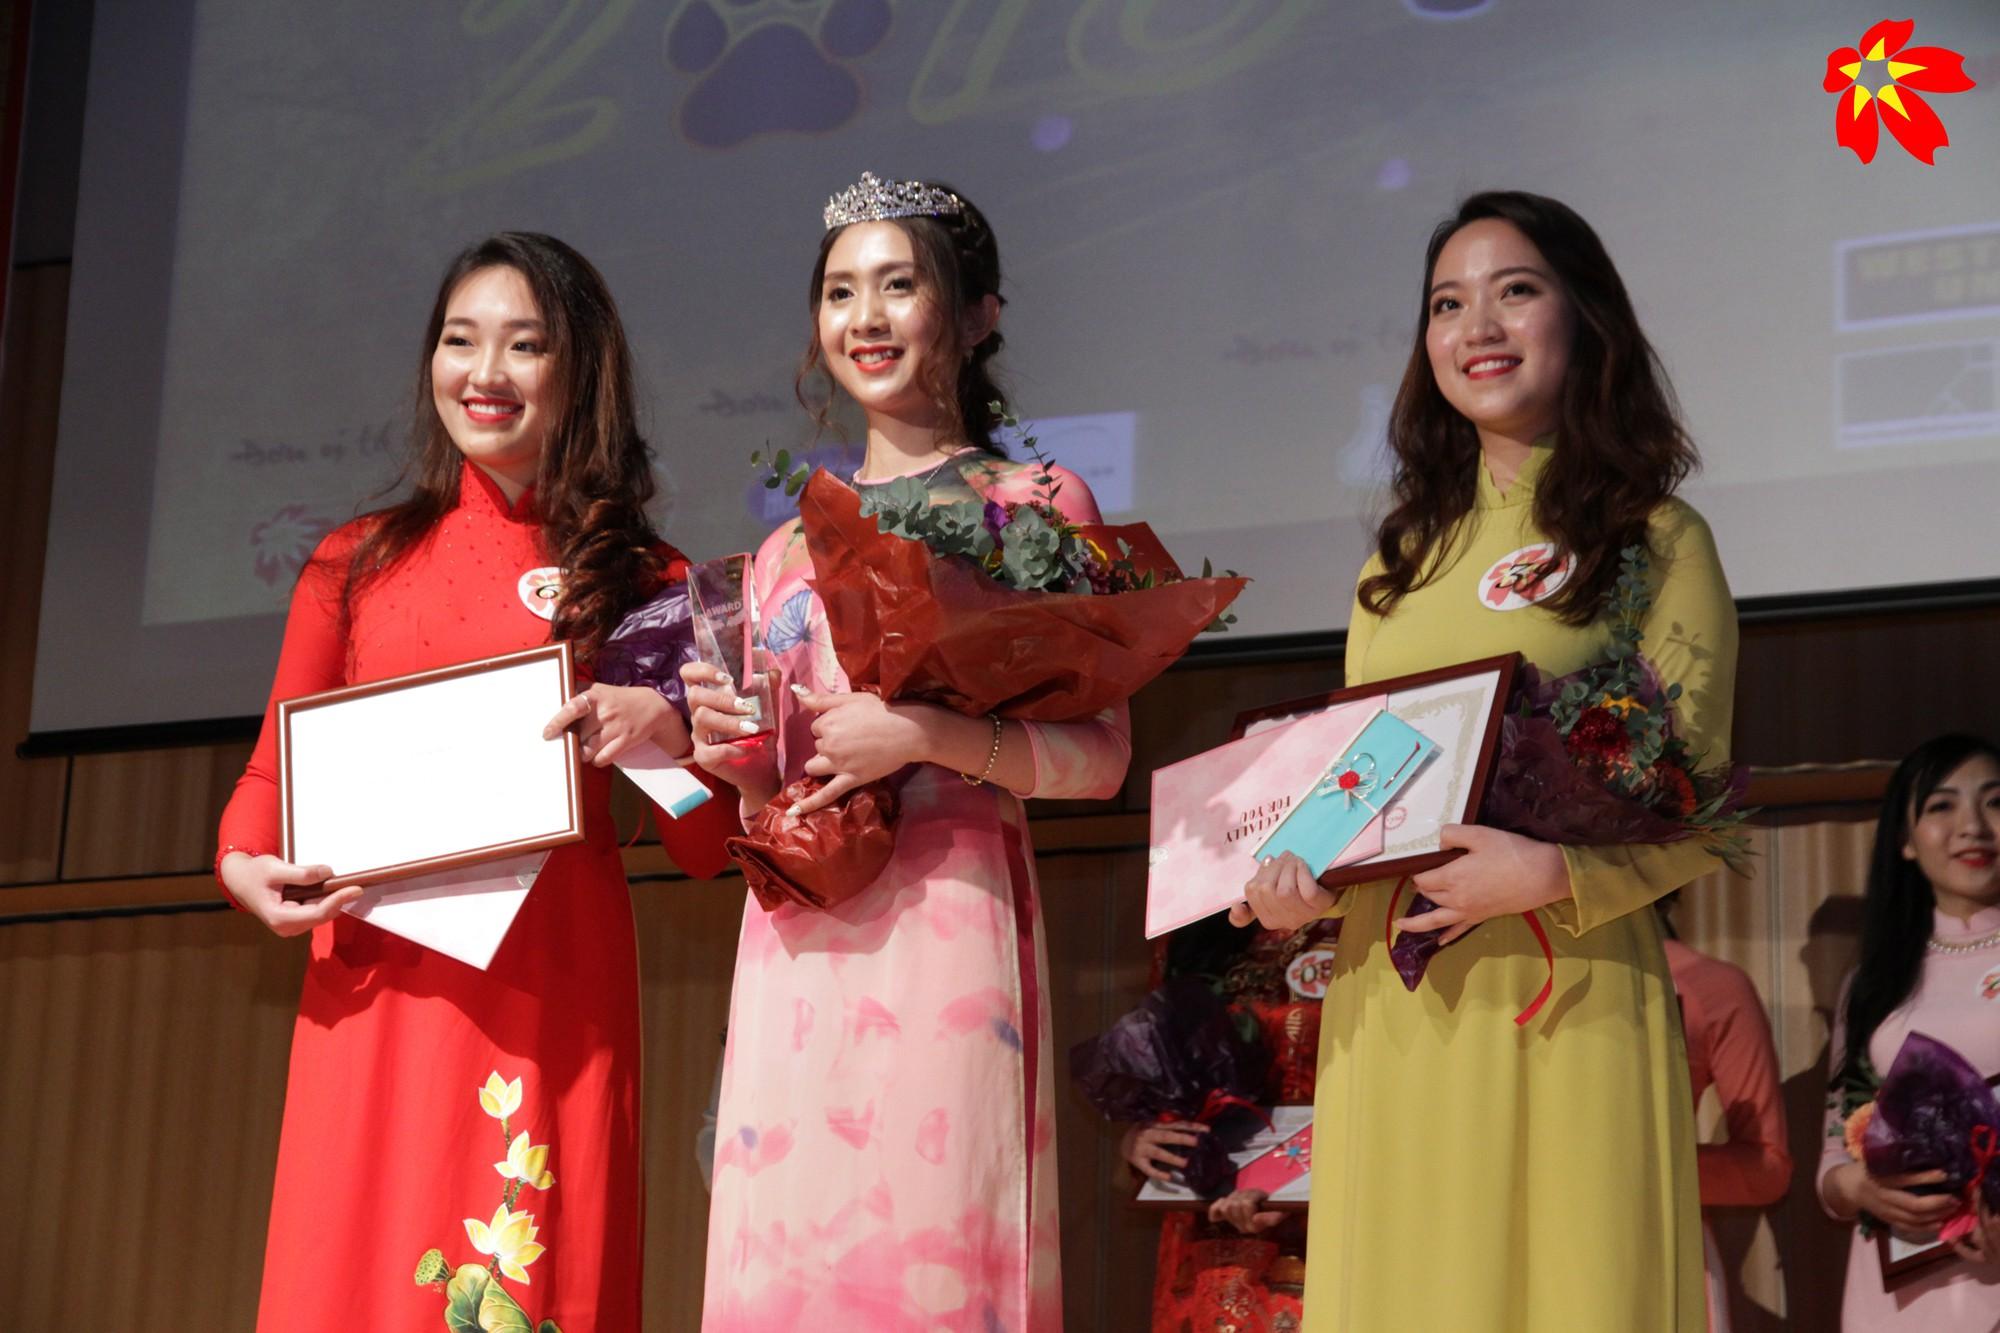 Đã tìm ra nữ du học sinh Việt xinh đẹp nhất Nhật Bản 2017 - Ảnh 3.